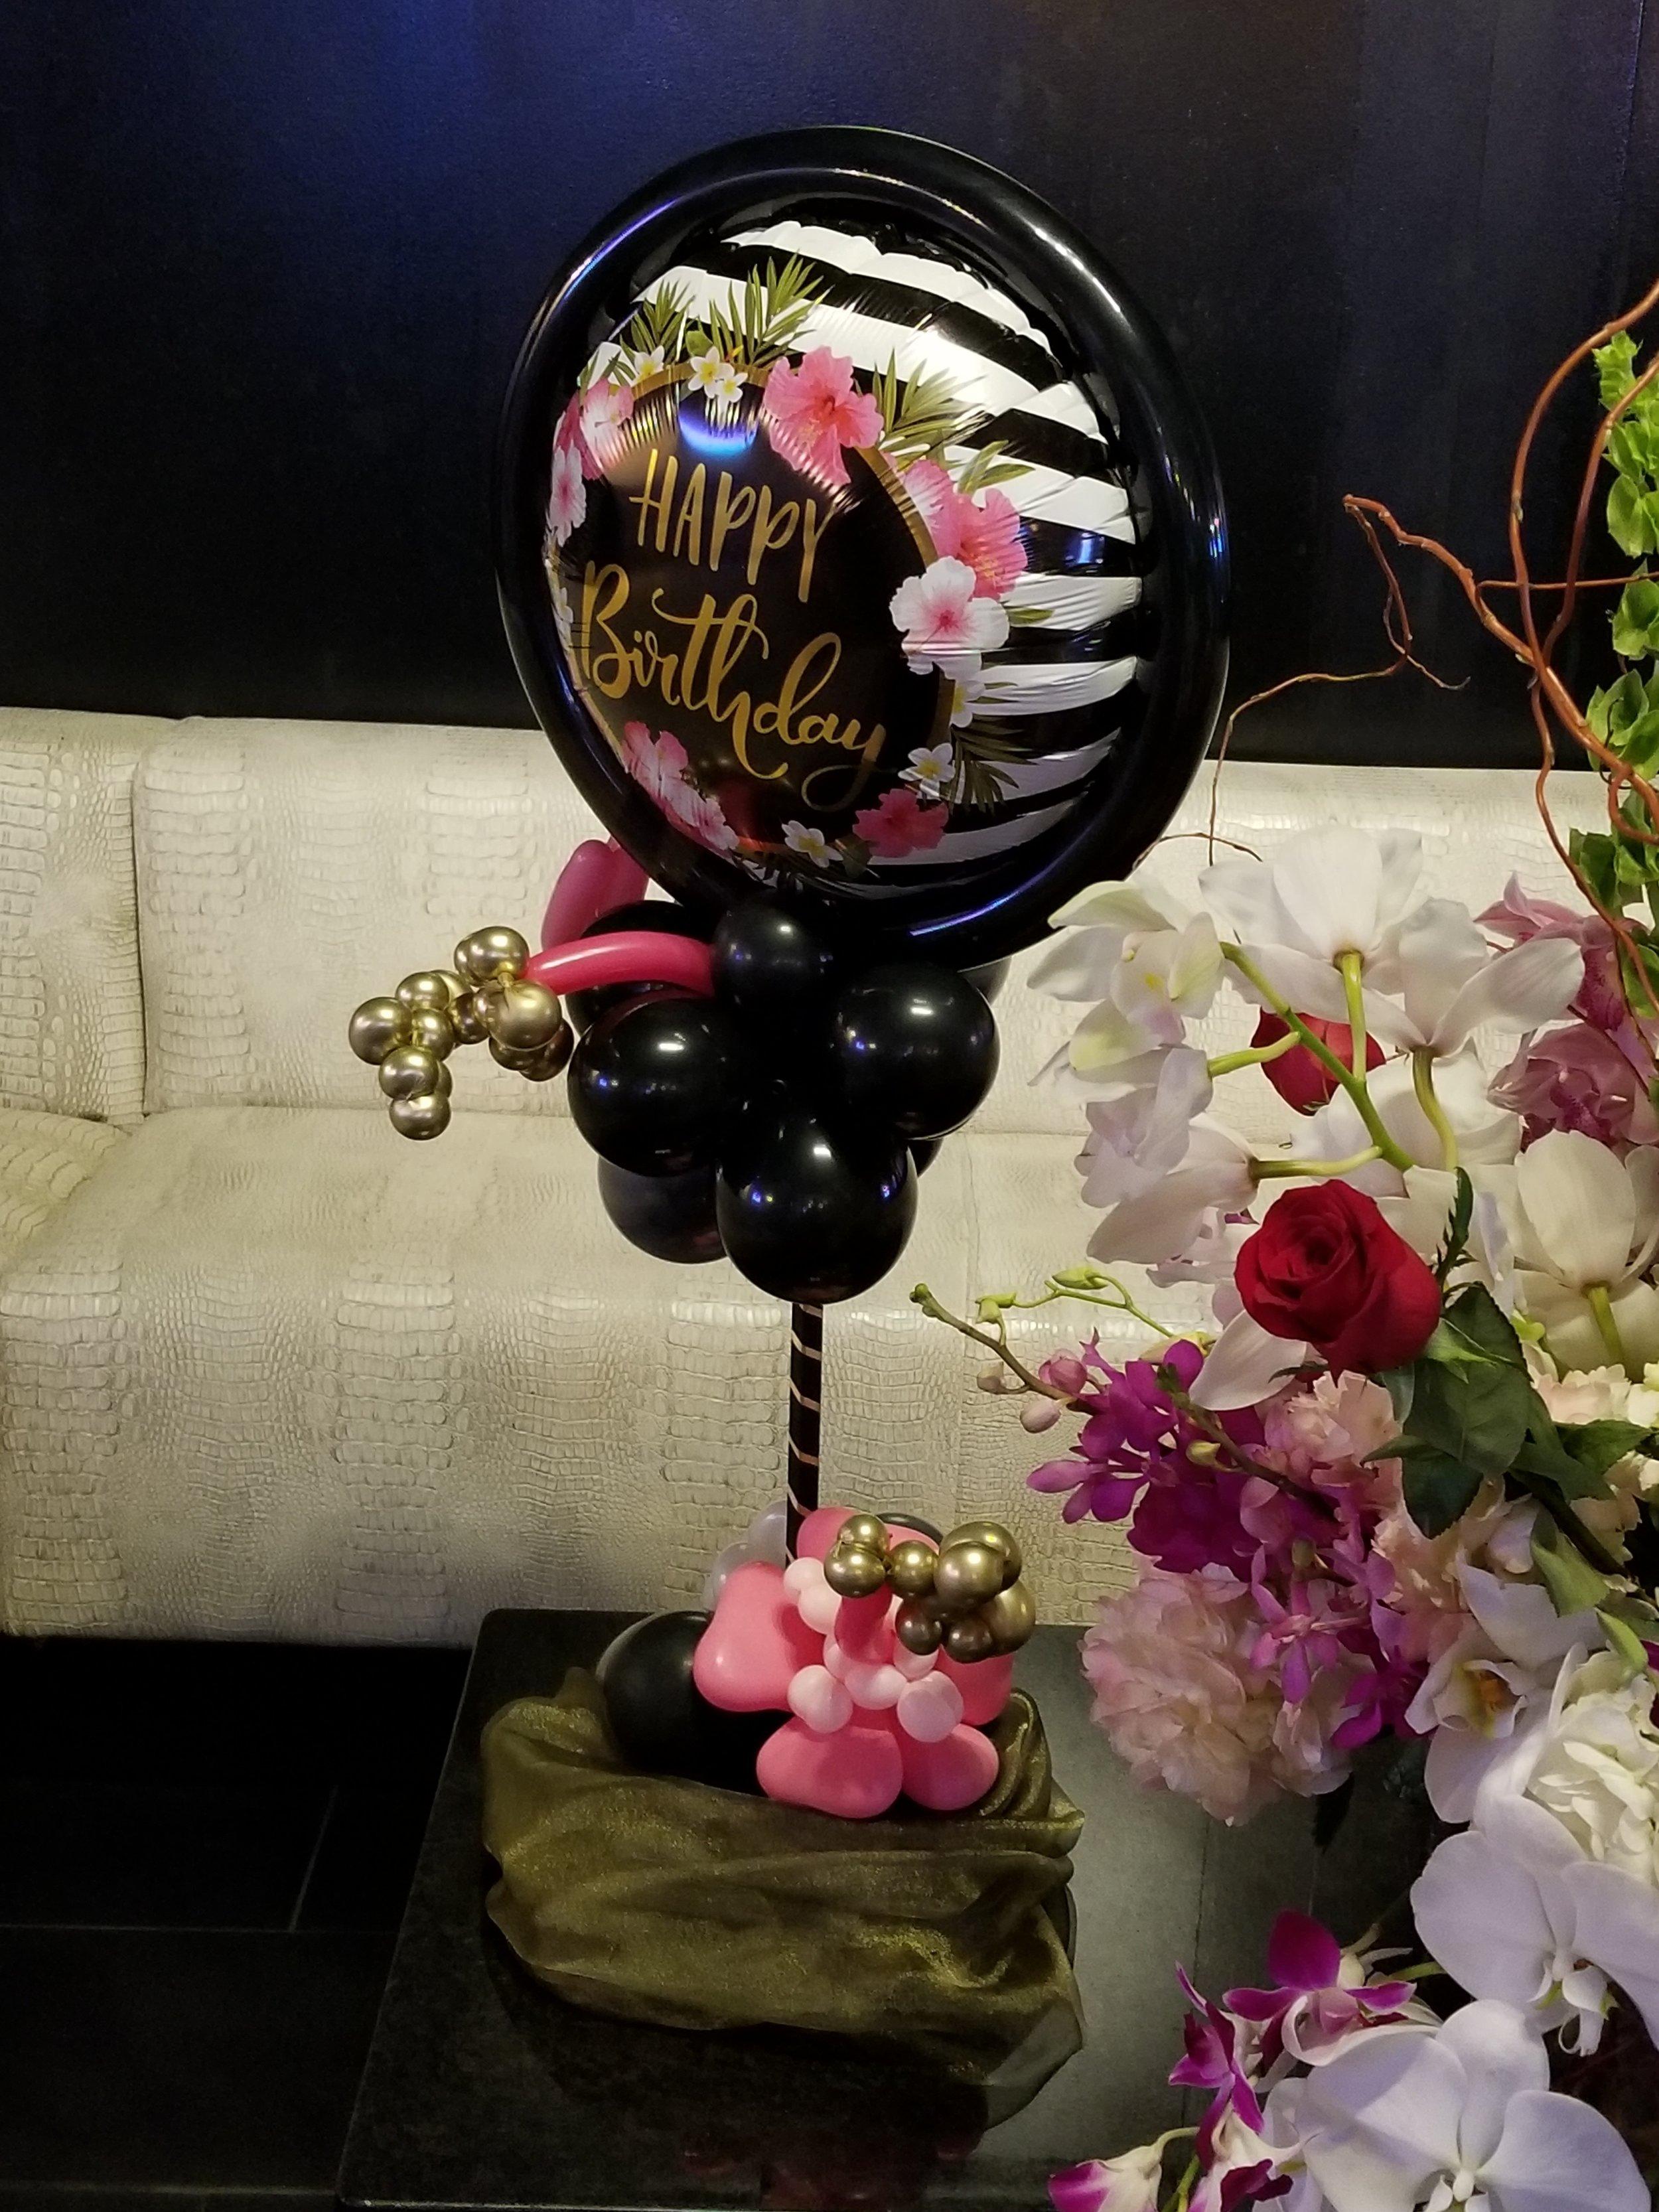 Birthday floral balloon centerpiece.jpg